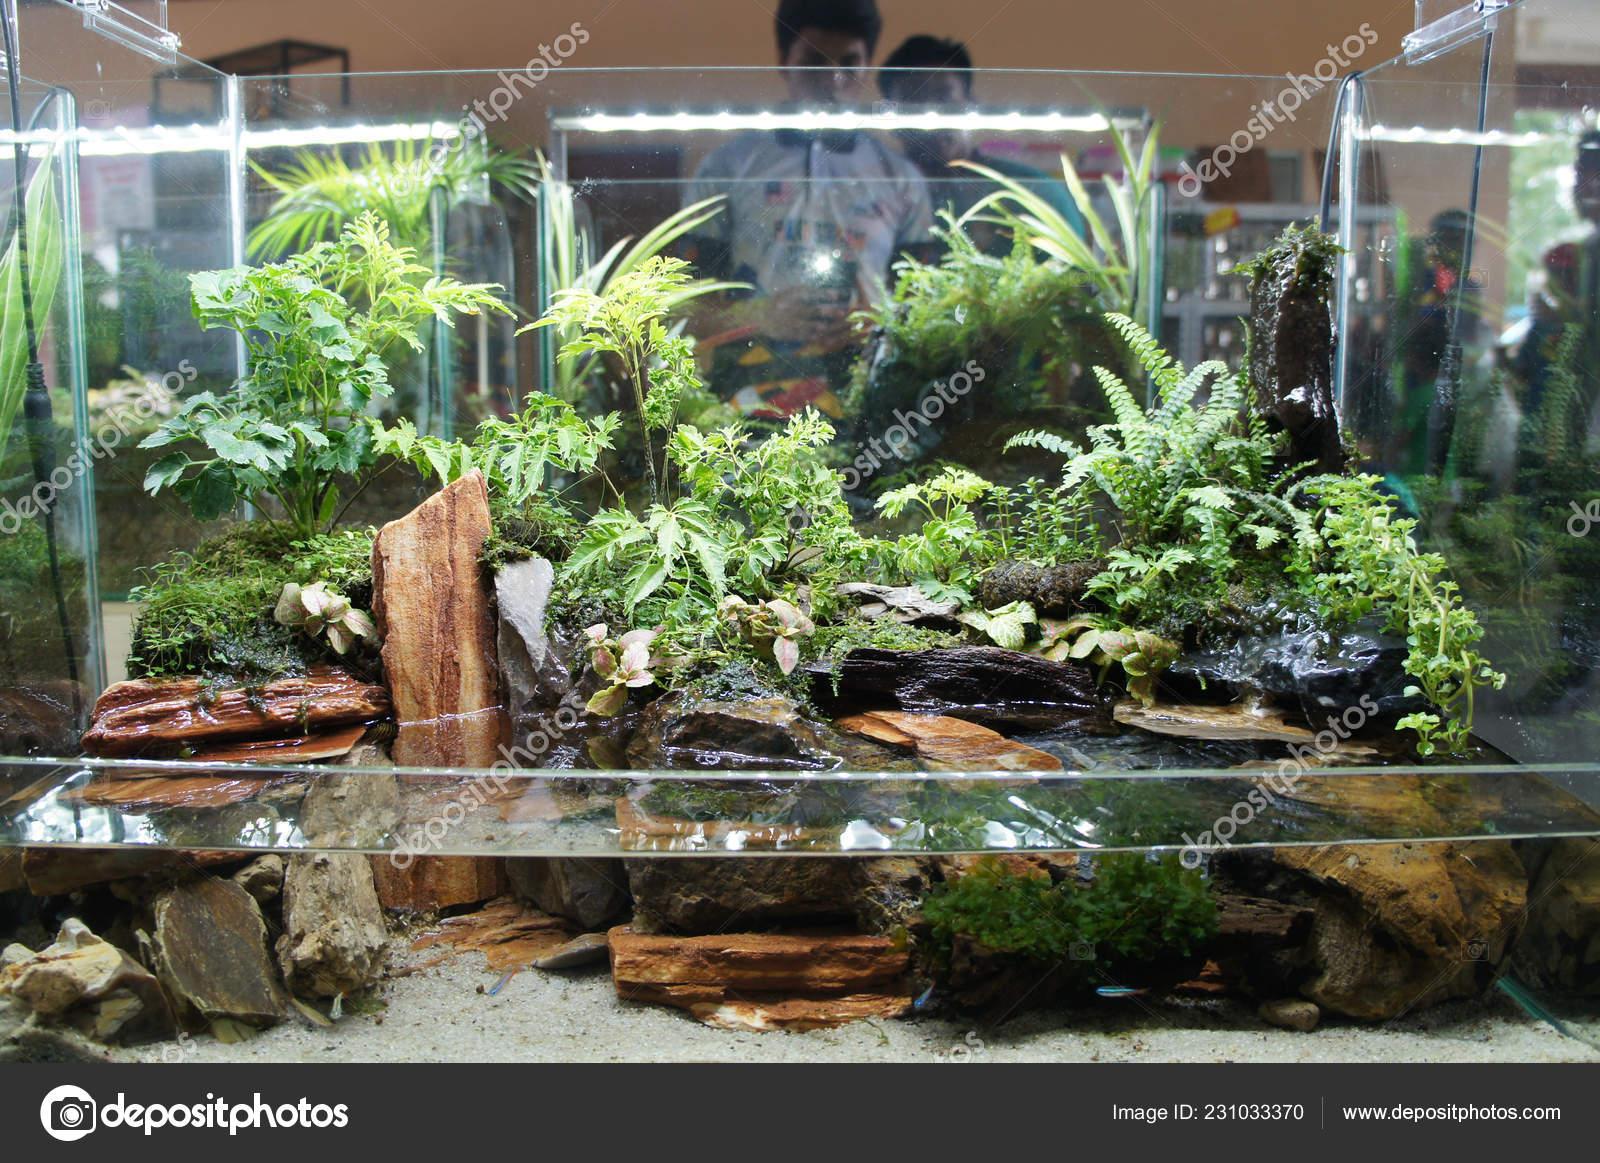 Aquascape Terrarium Design Small Glass Aquarium Displayed Public Stock Photo Image By C Aisyaqilumar 231033370